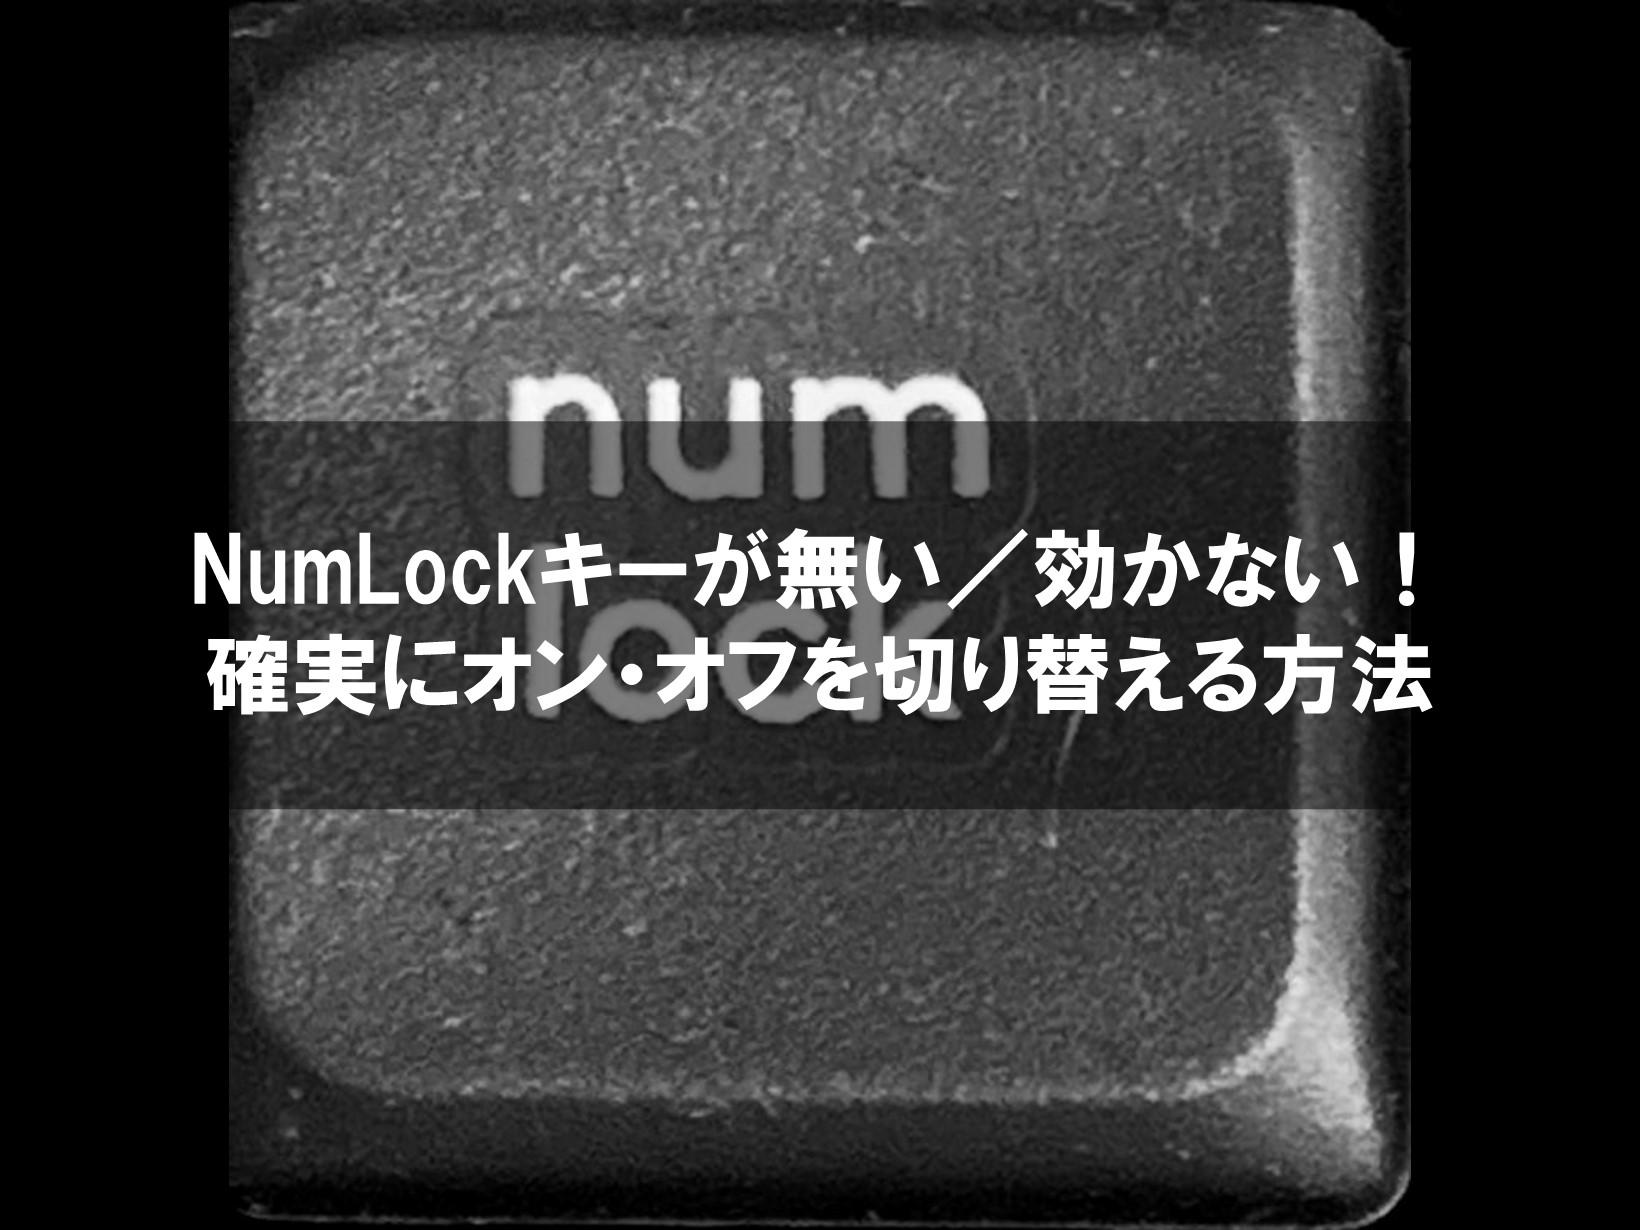 NumLockキーが無い/効かない!確実にオン・オフを切り替える方法